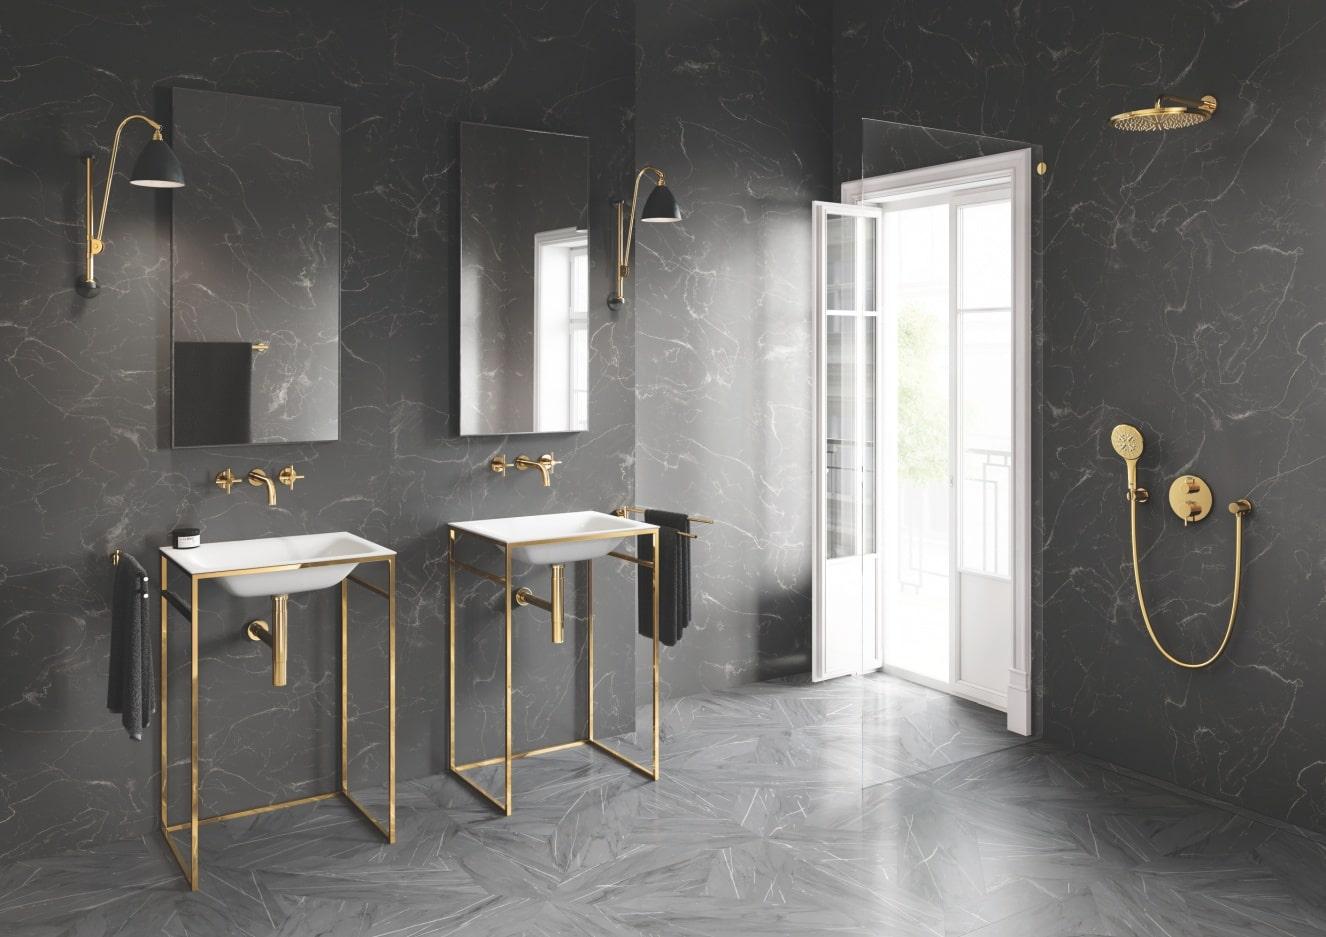 Łazienka z 2 umywalkami i deszczownicą oraz drzwiami z oknem